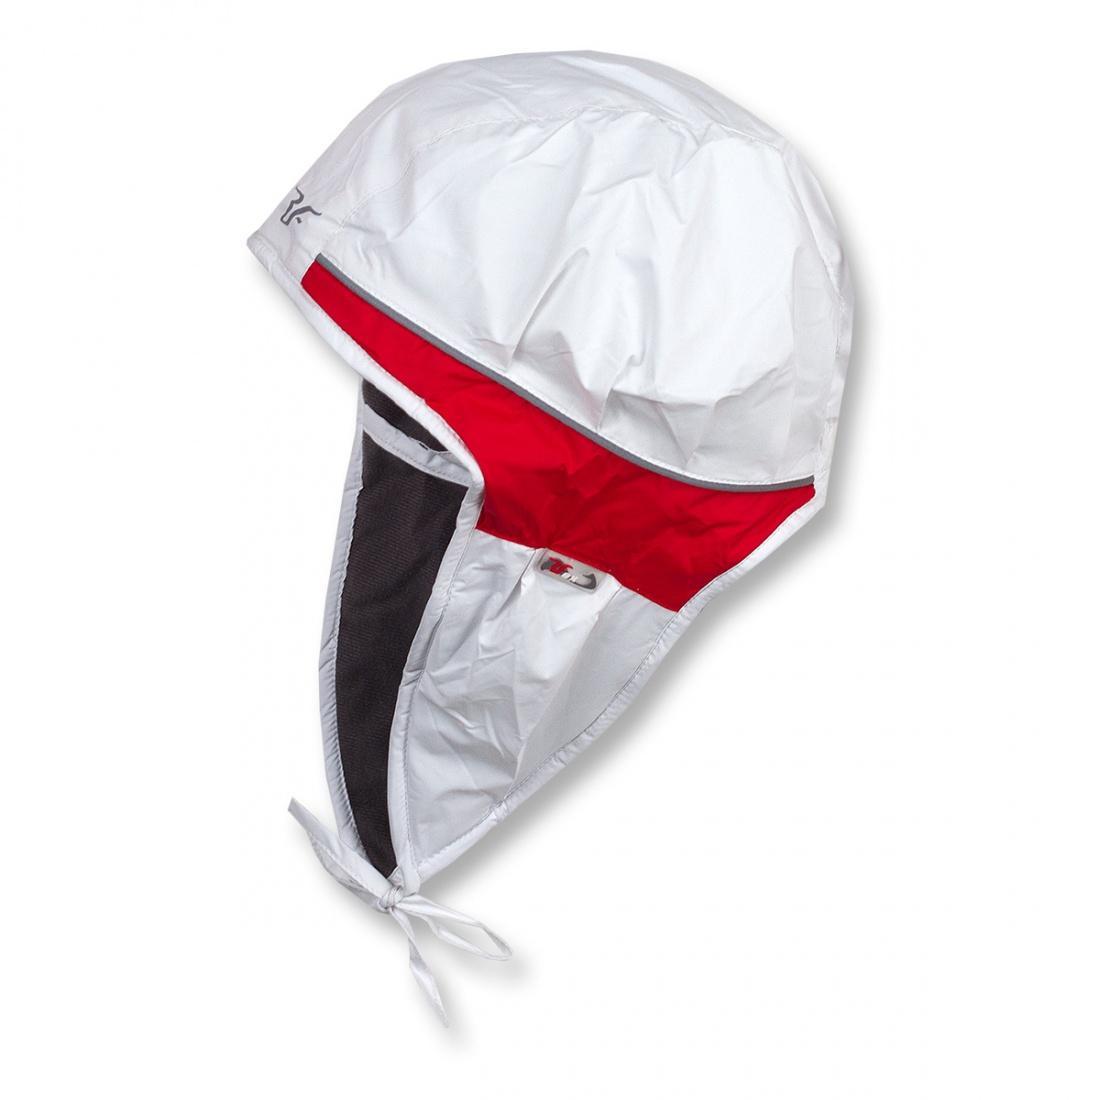 Шапка детская TressУшанки<br><br> Яркая контрастная шапочка прекрасно выделяет ребенка из толпы.<br><br> <br><br><br><br> Основной материал – Dry Factor 1000.<br><br> <br><br><br> Утеплитель – Omniterm Classic.<br><br> <br><br><br> Для детей от 1 до...<br><br>Цвет: Красный<br>Размер: XXL